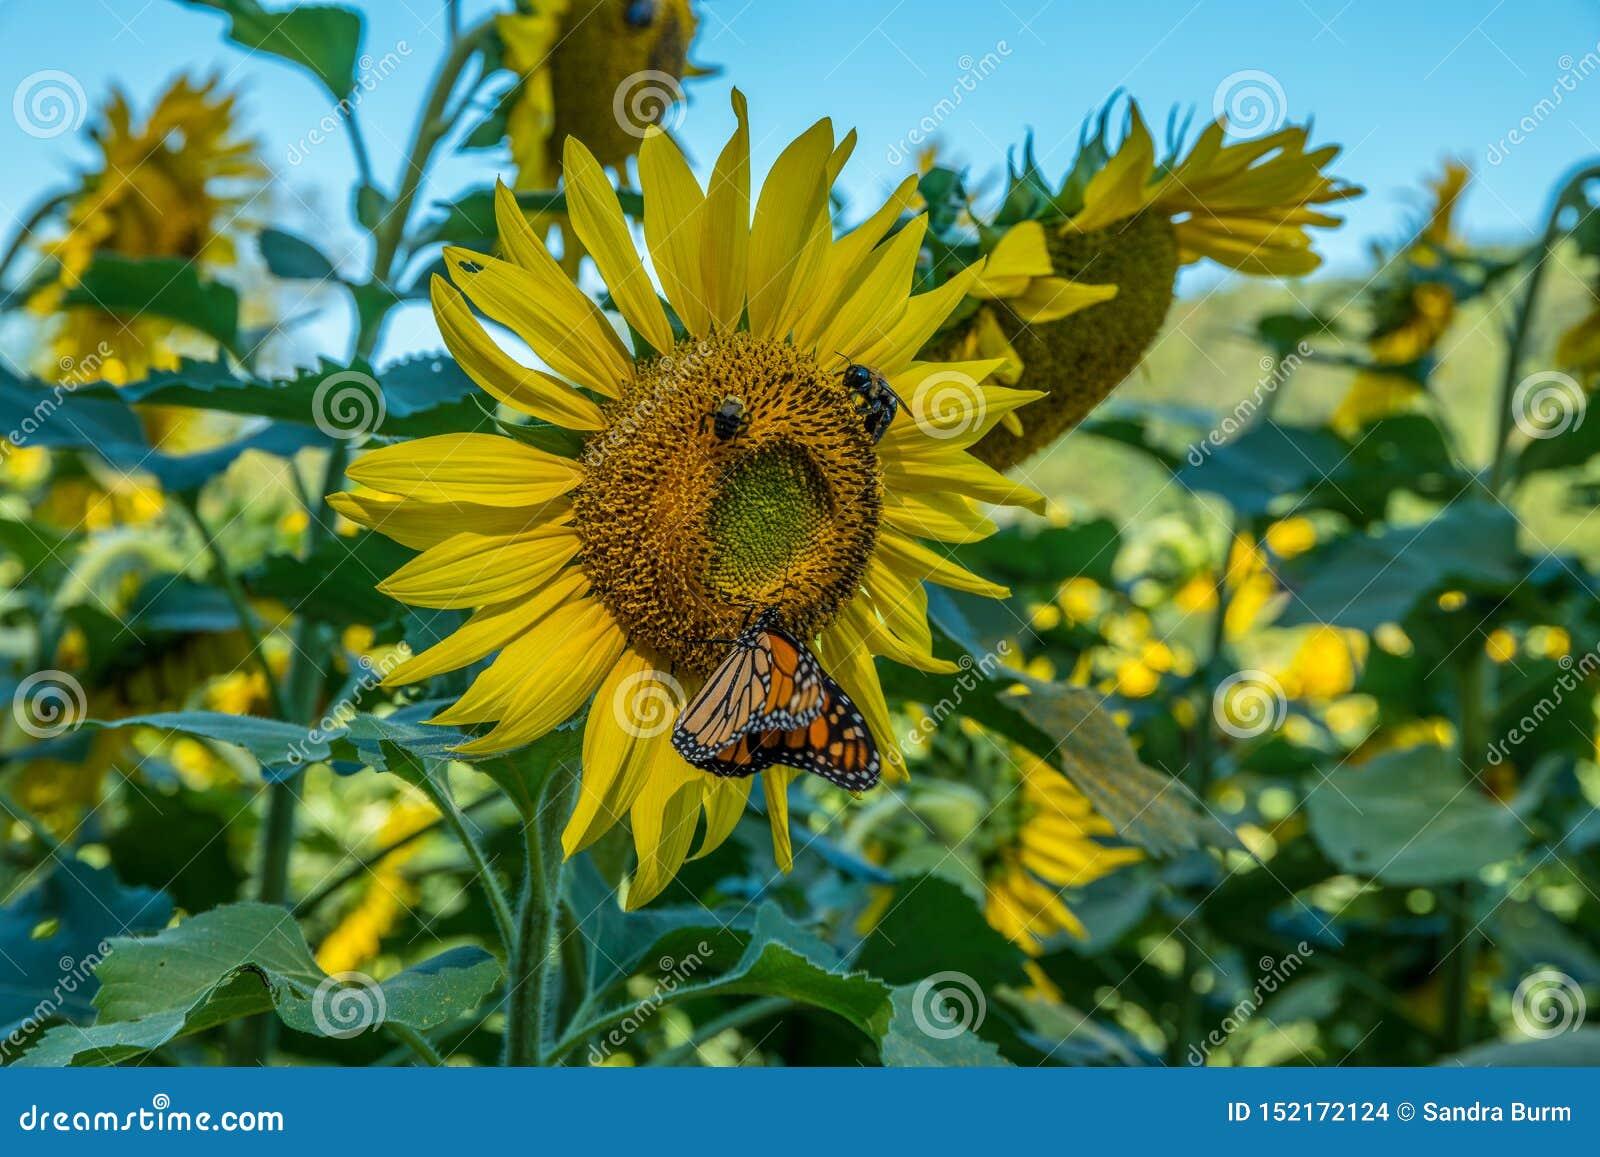 Girasol con las donadoras de polen una mariposa y abejas